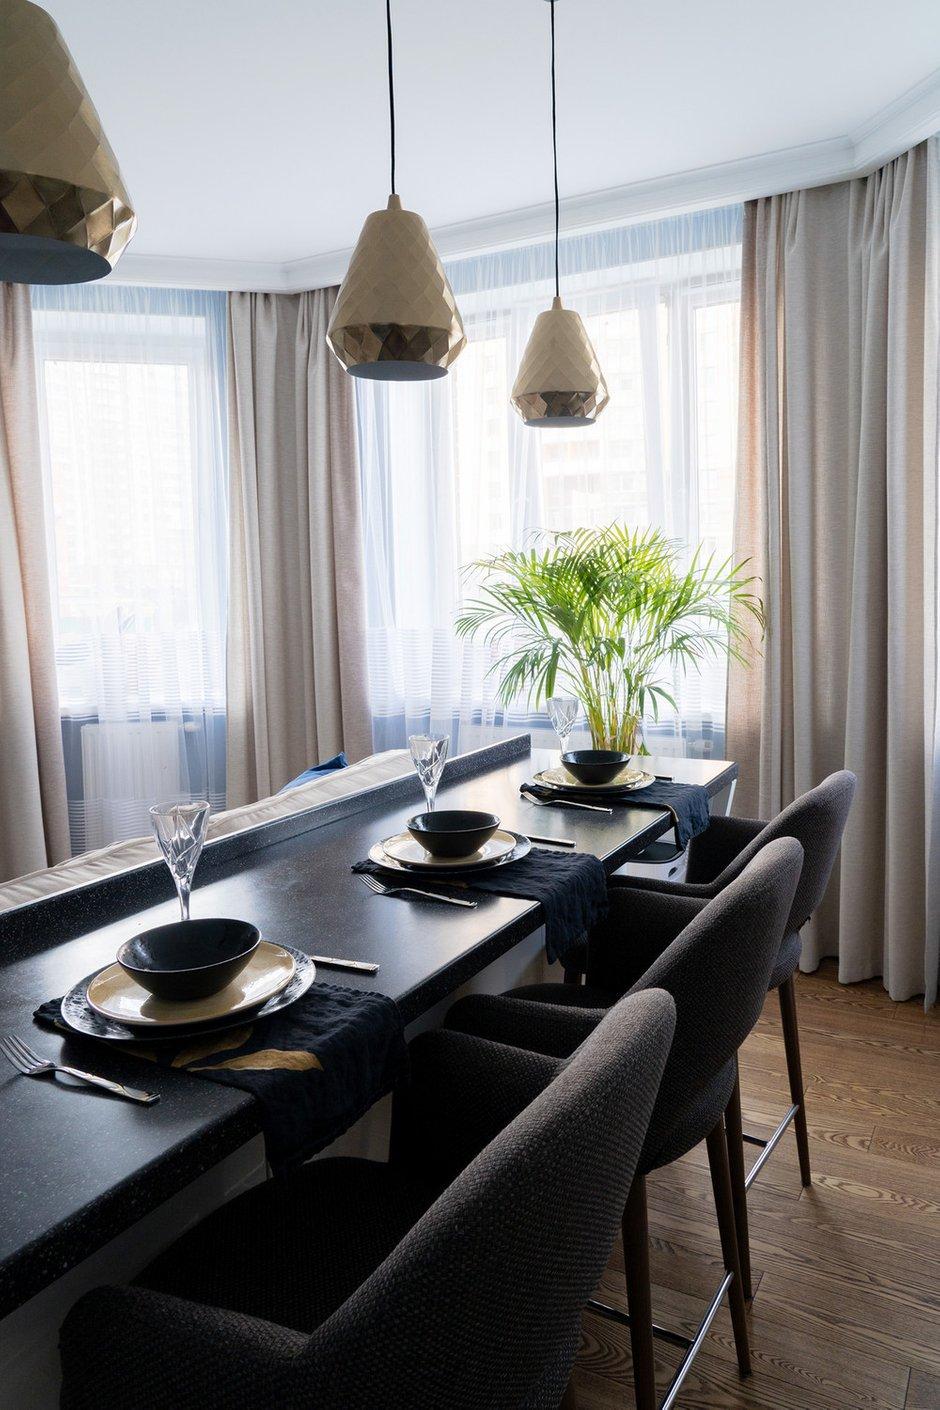 Фотография: Кухня и столовая в стиле Современный, Квартира, Проект недели, Санкт-Петербург, Светлана Гаврилова, Монолитный дом, 3 комнаты, 60-90 метров – фото на INMYROOM